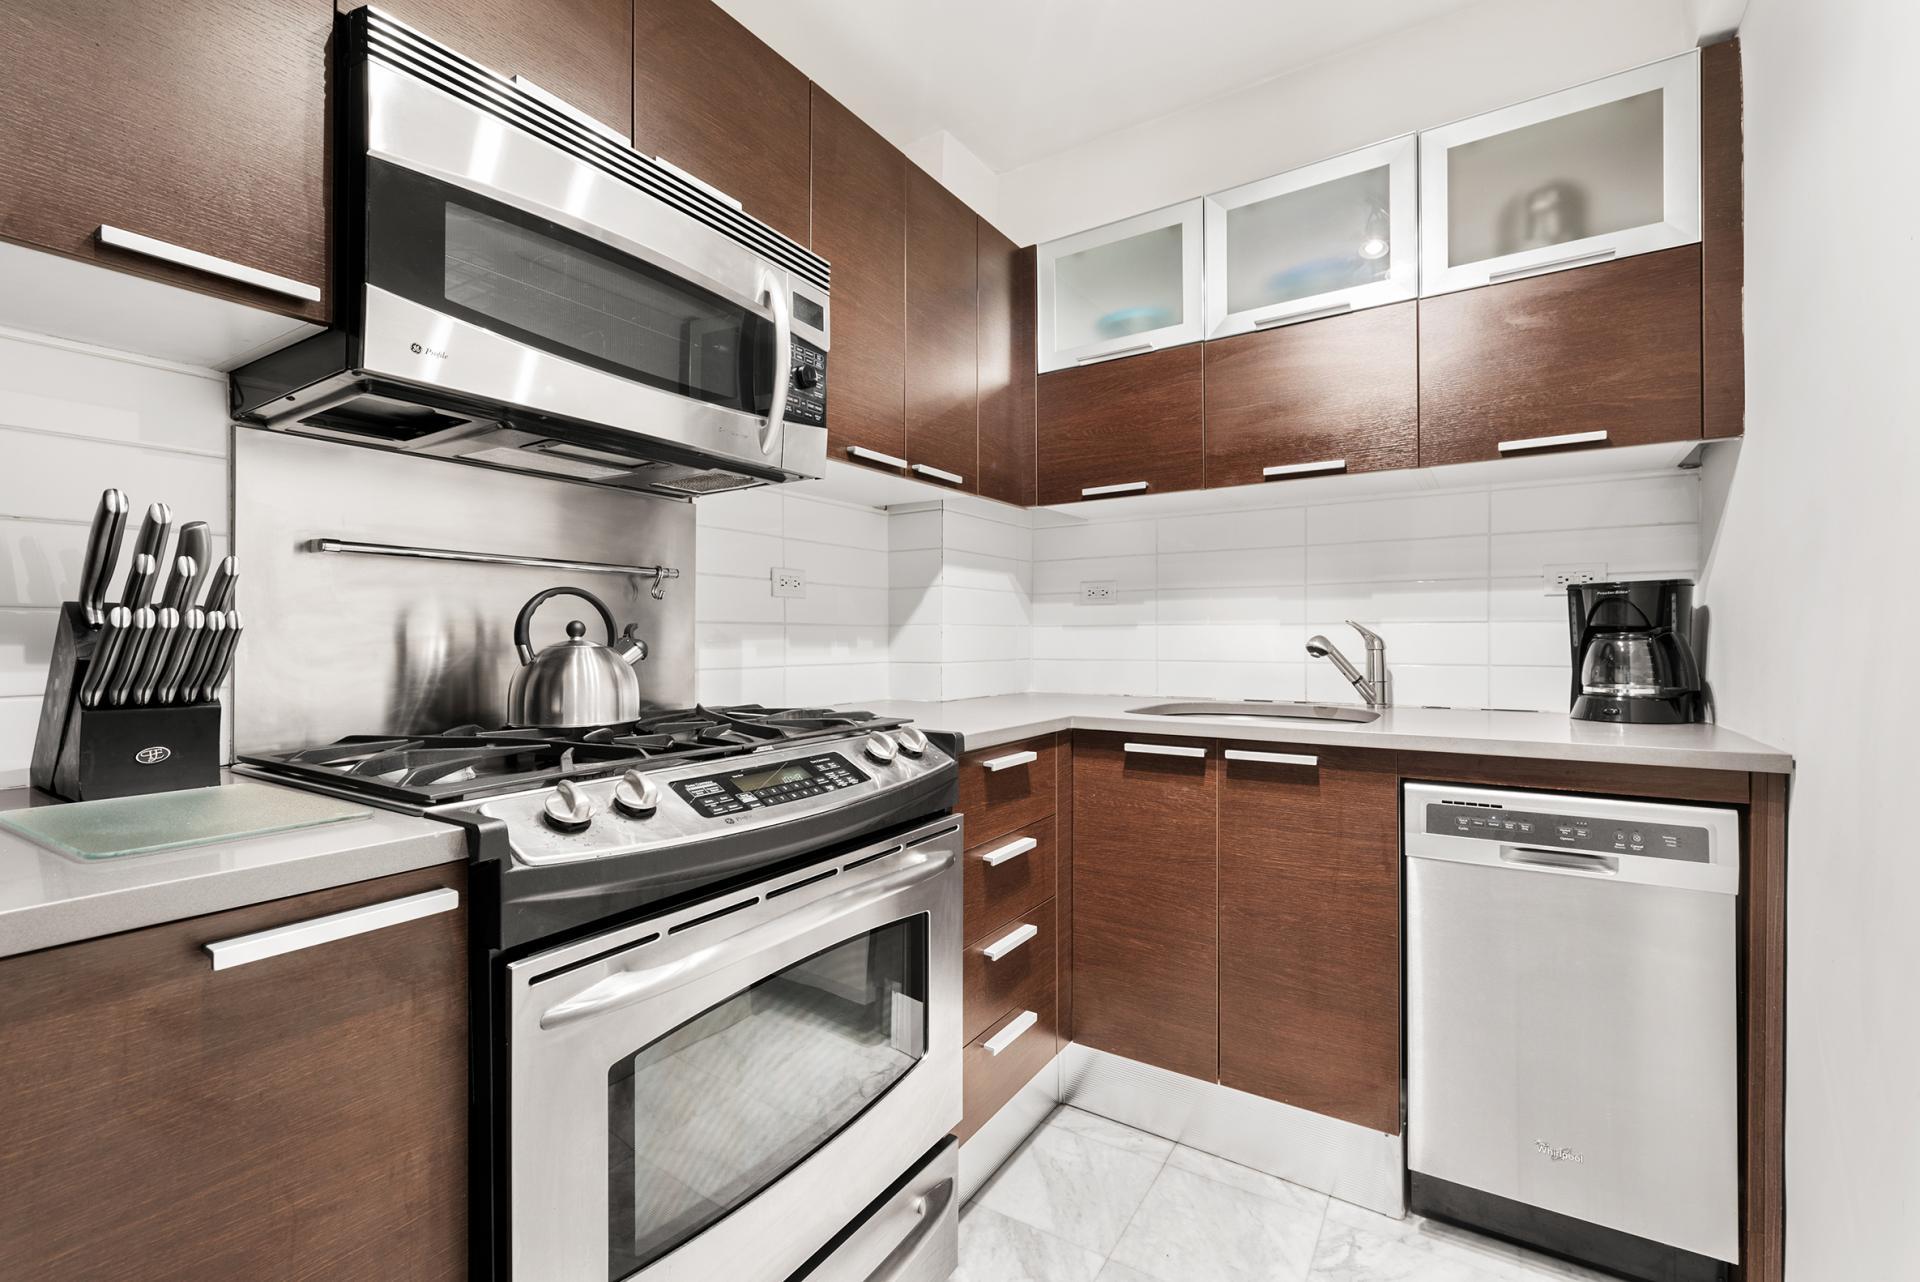 Kitchen at 60 East 12th Street Apartments, Greenwich Village, Manhattan